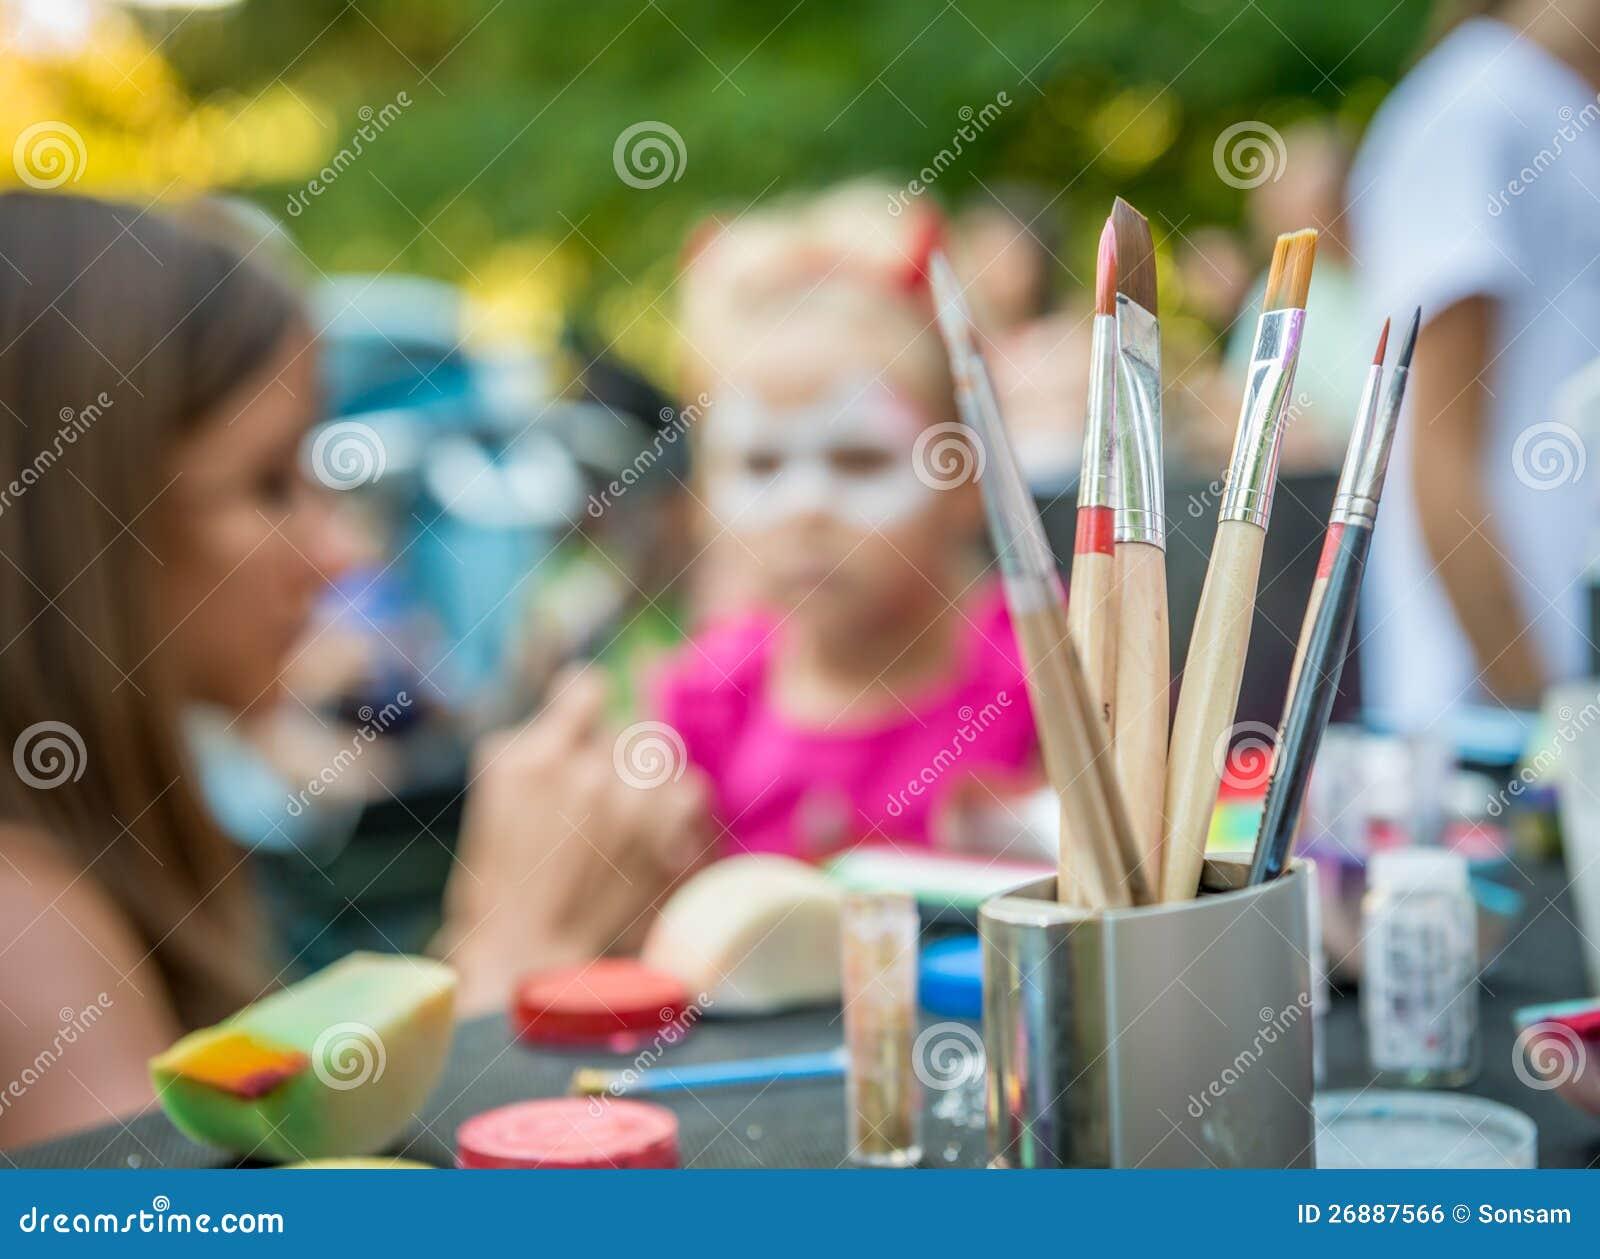 Kinder angemessen - Verkleidung für Karneval